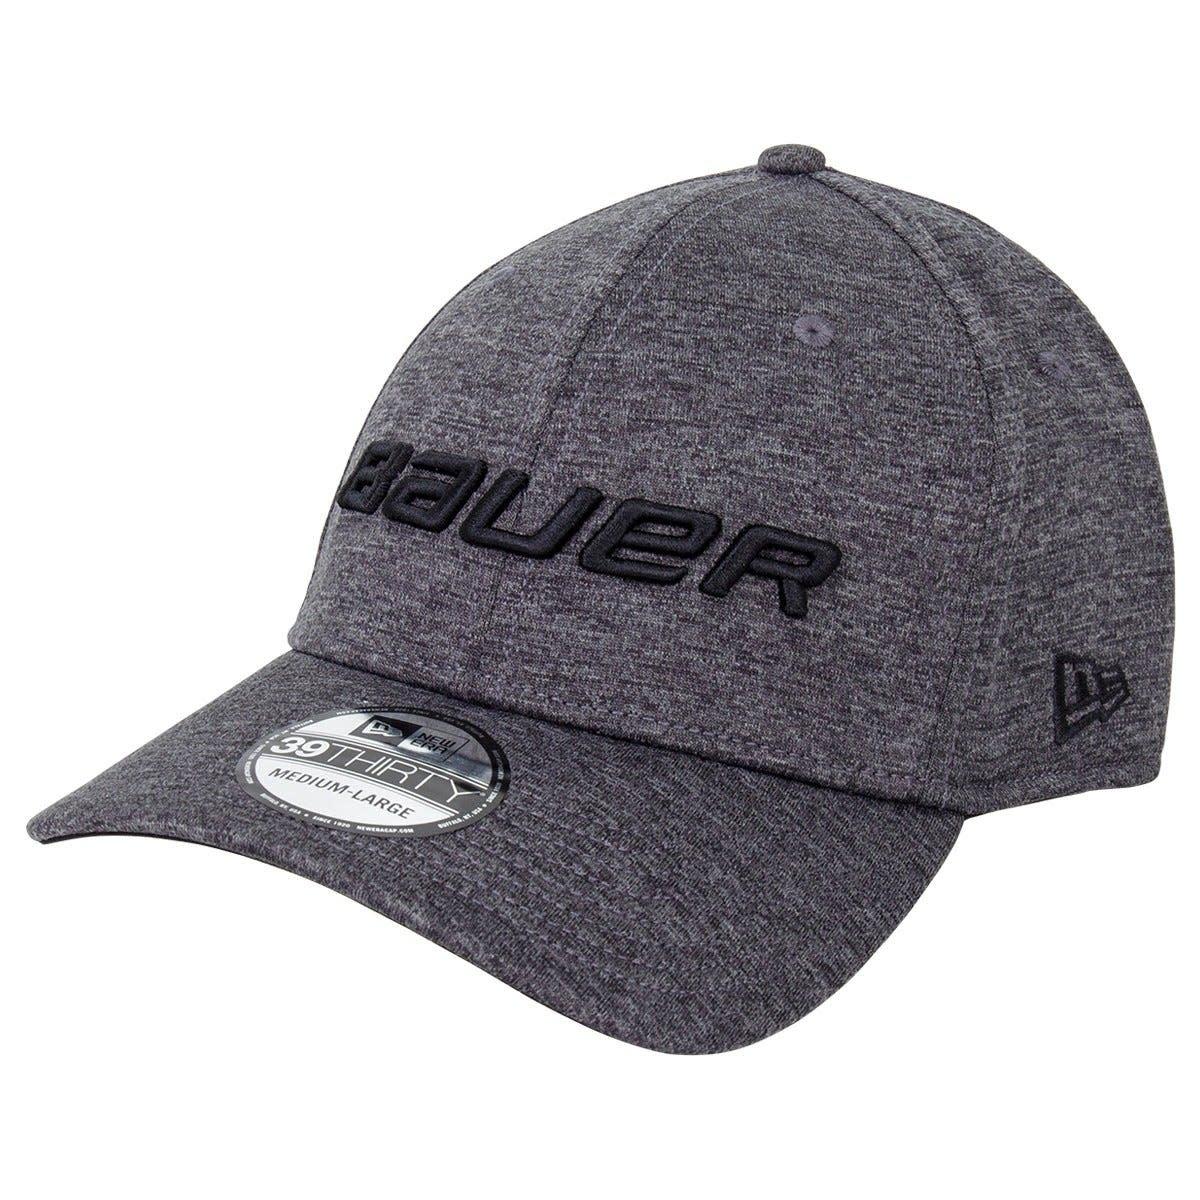 Bauer Hockey BAUER NEW ERA 3930 SHADOW TECH HAT